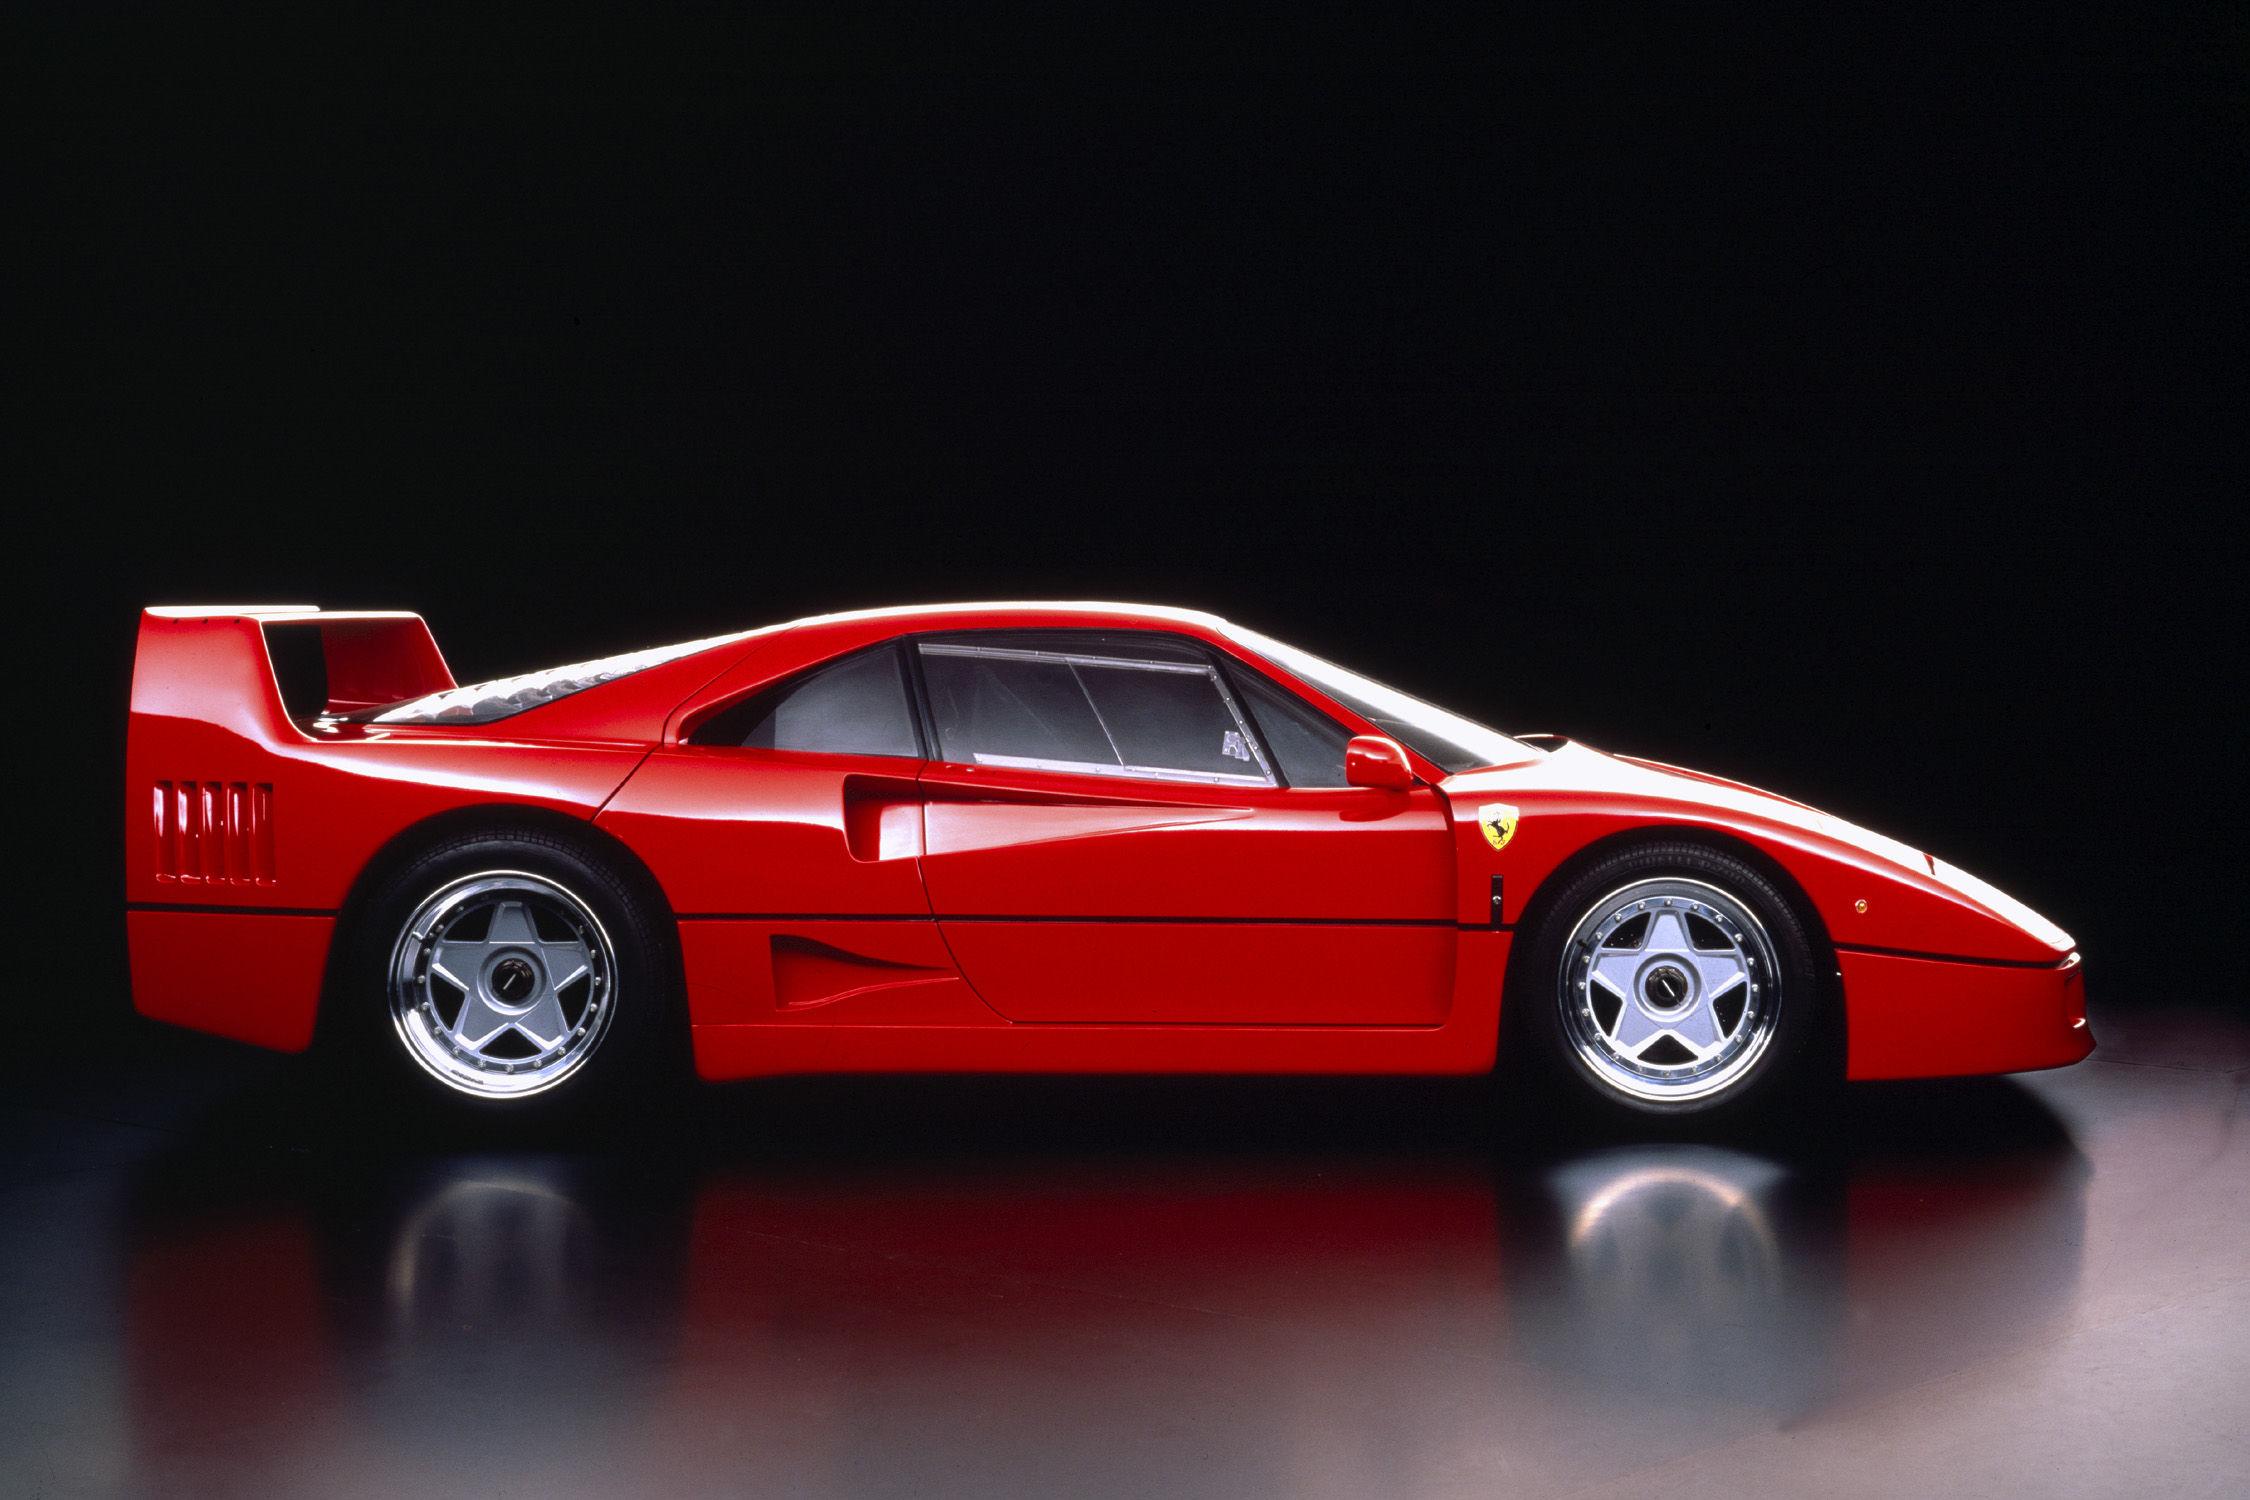 la ferrari f40 fête ses 30 ans - actualité automobile - motorlegend